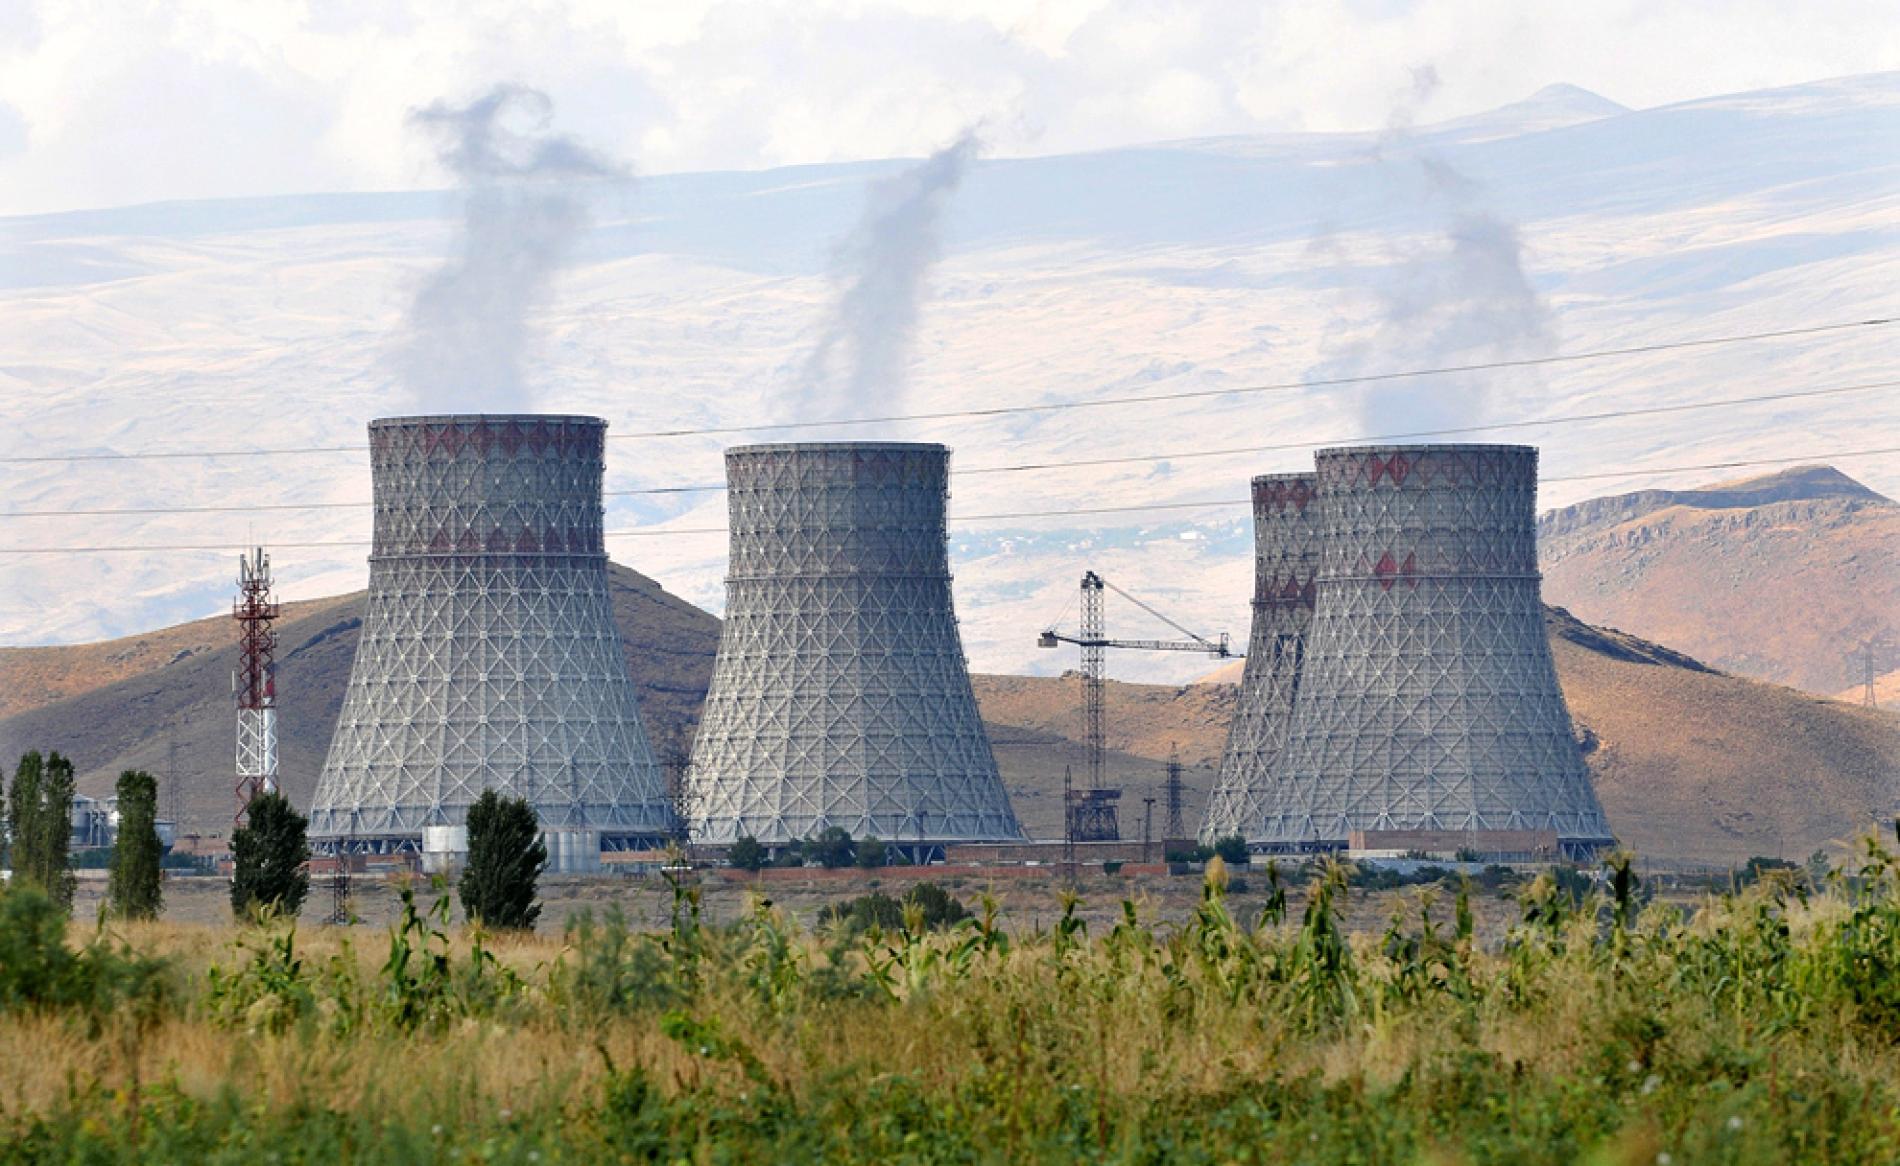 Đối thủ dọa phá hủy nhà máy điện hạt nhân Armenia: Tồi tệ hơn thảm họa Chernobyl? - 1